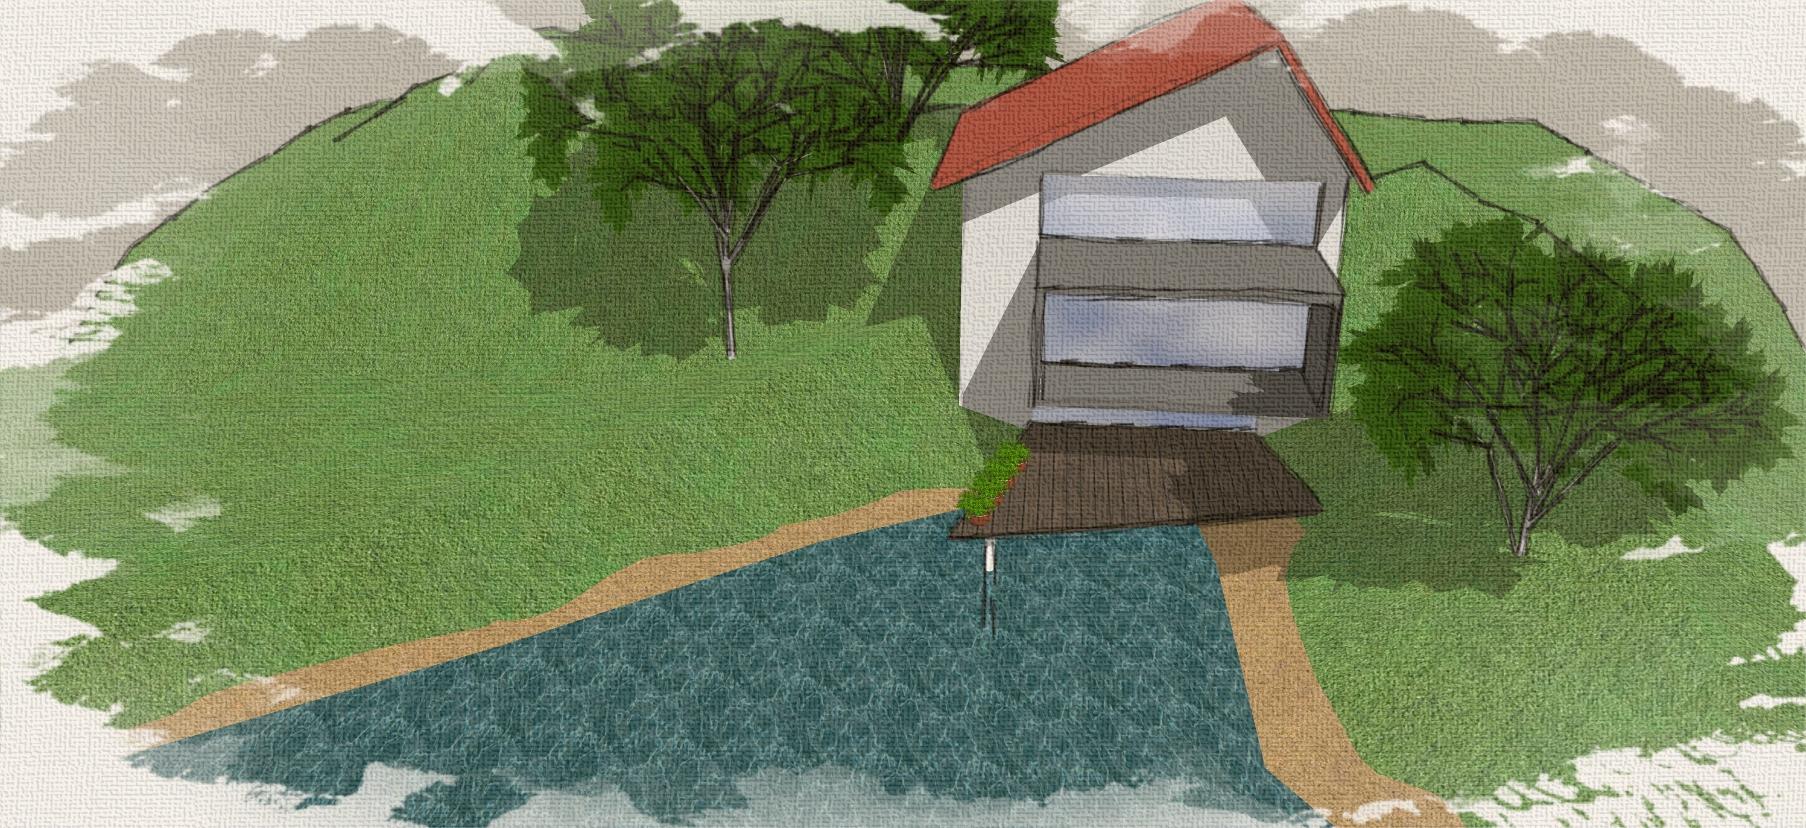 Gelände mit Haus_10